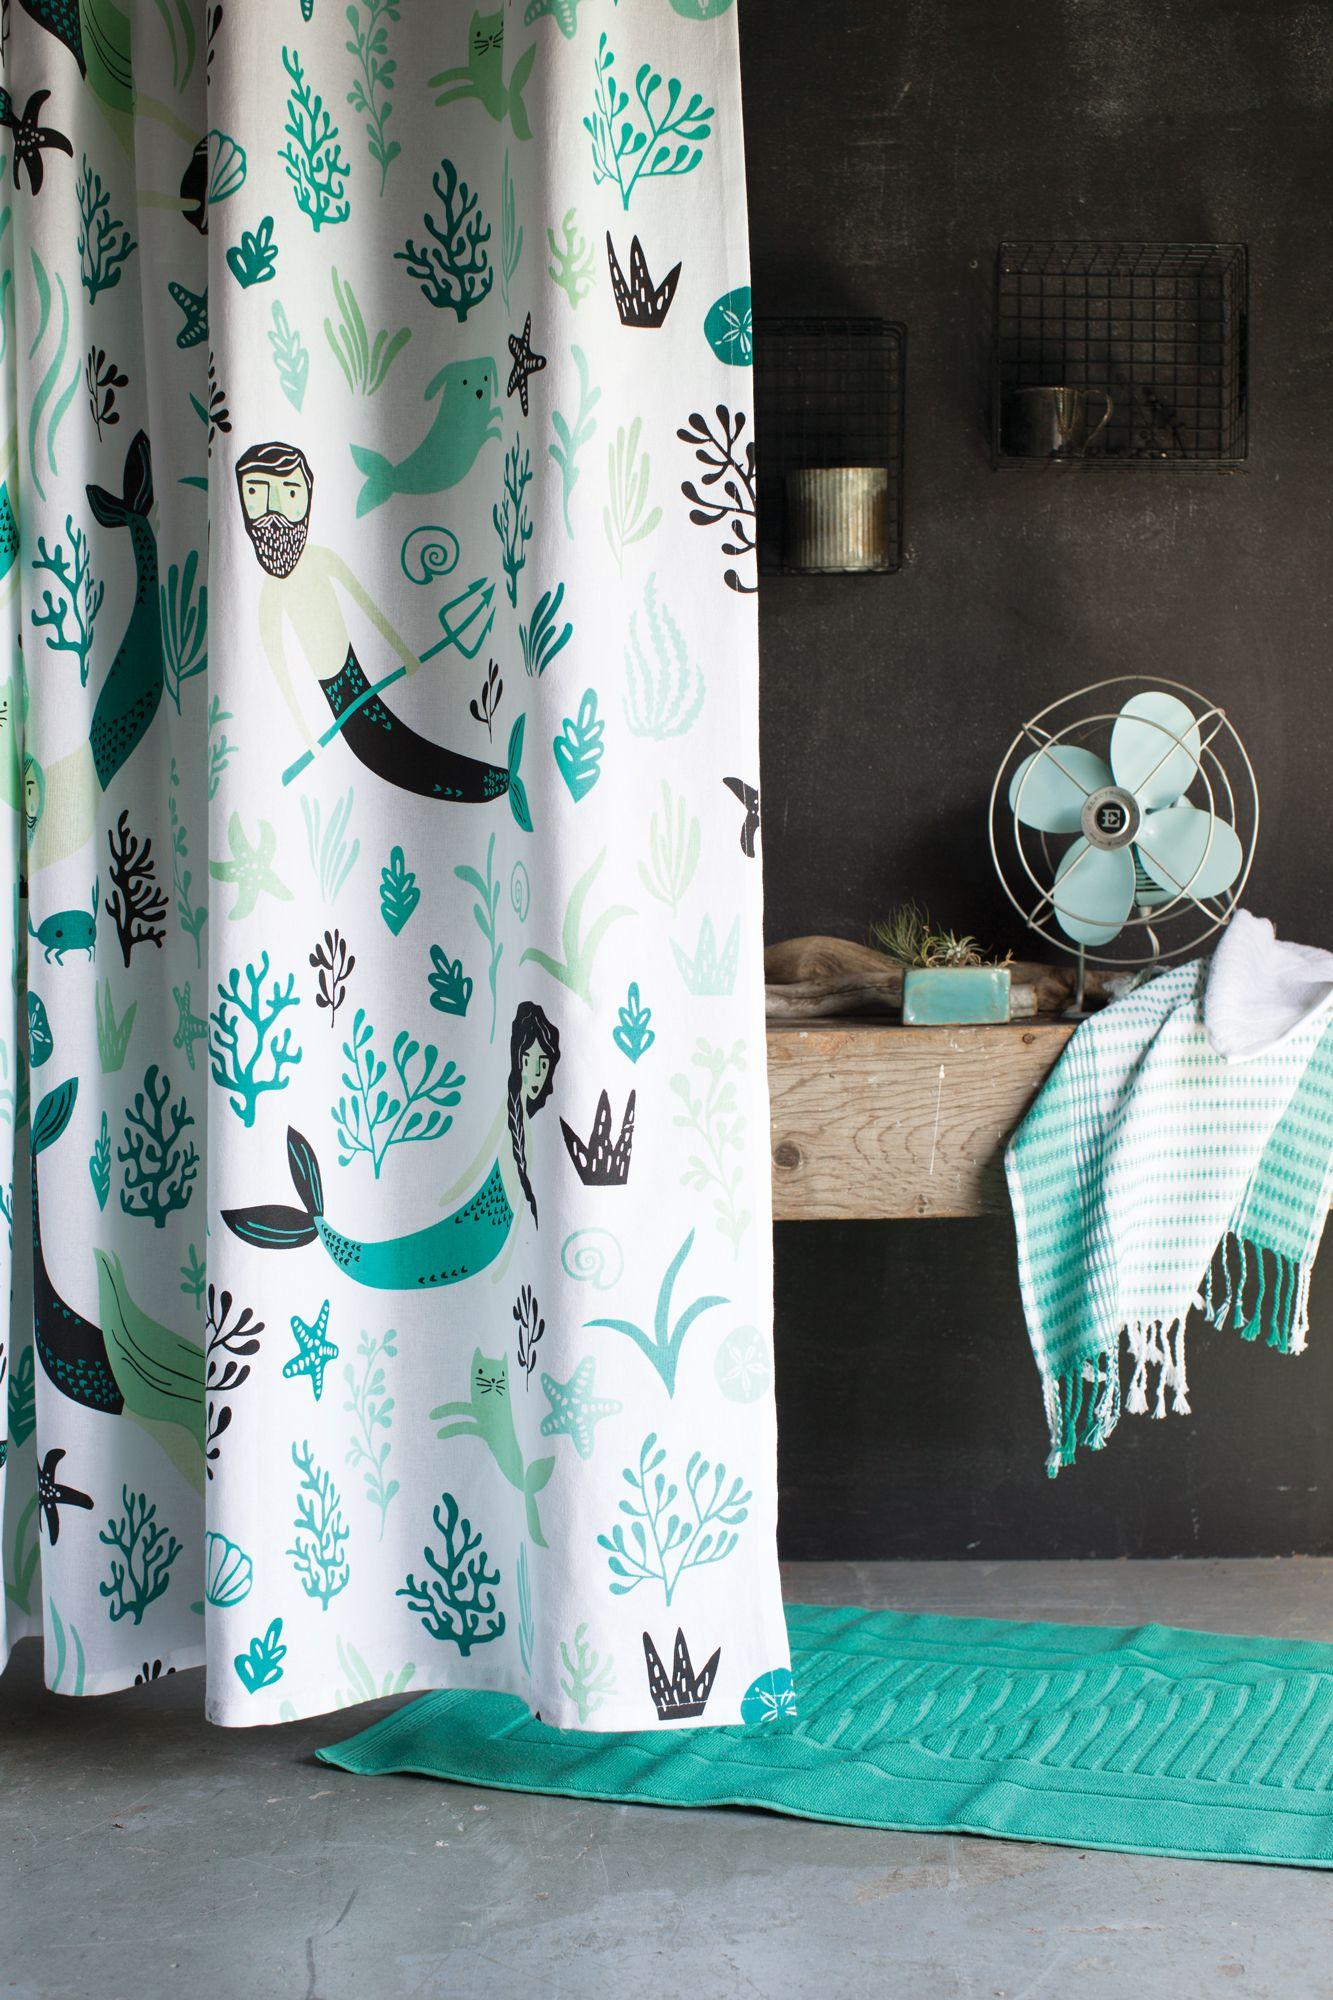 Plage Rose Rideaux De Douche Atelier Dartiste Seafoam Bathroom Saumon Sirnes Fentre Salle Bains Sparer Crochet